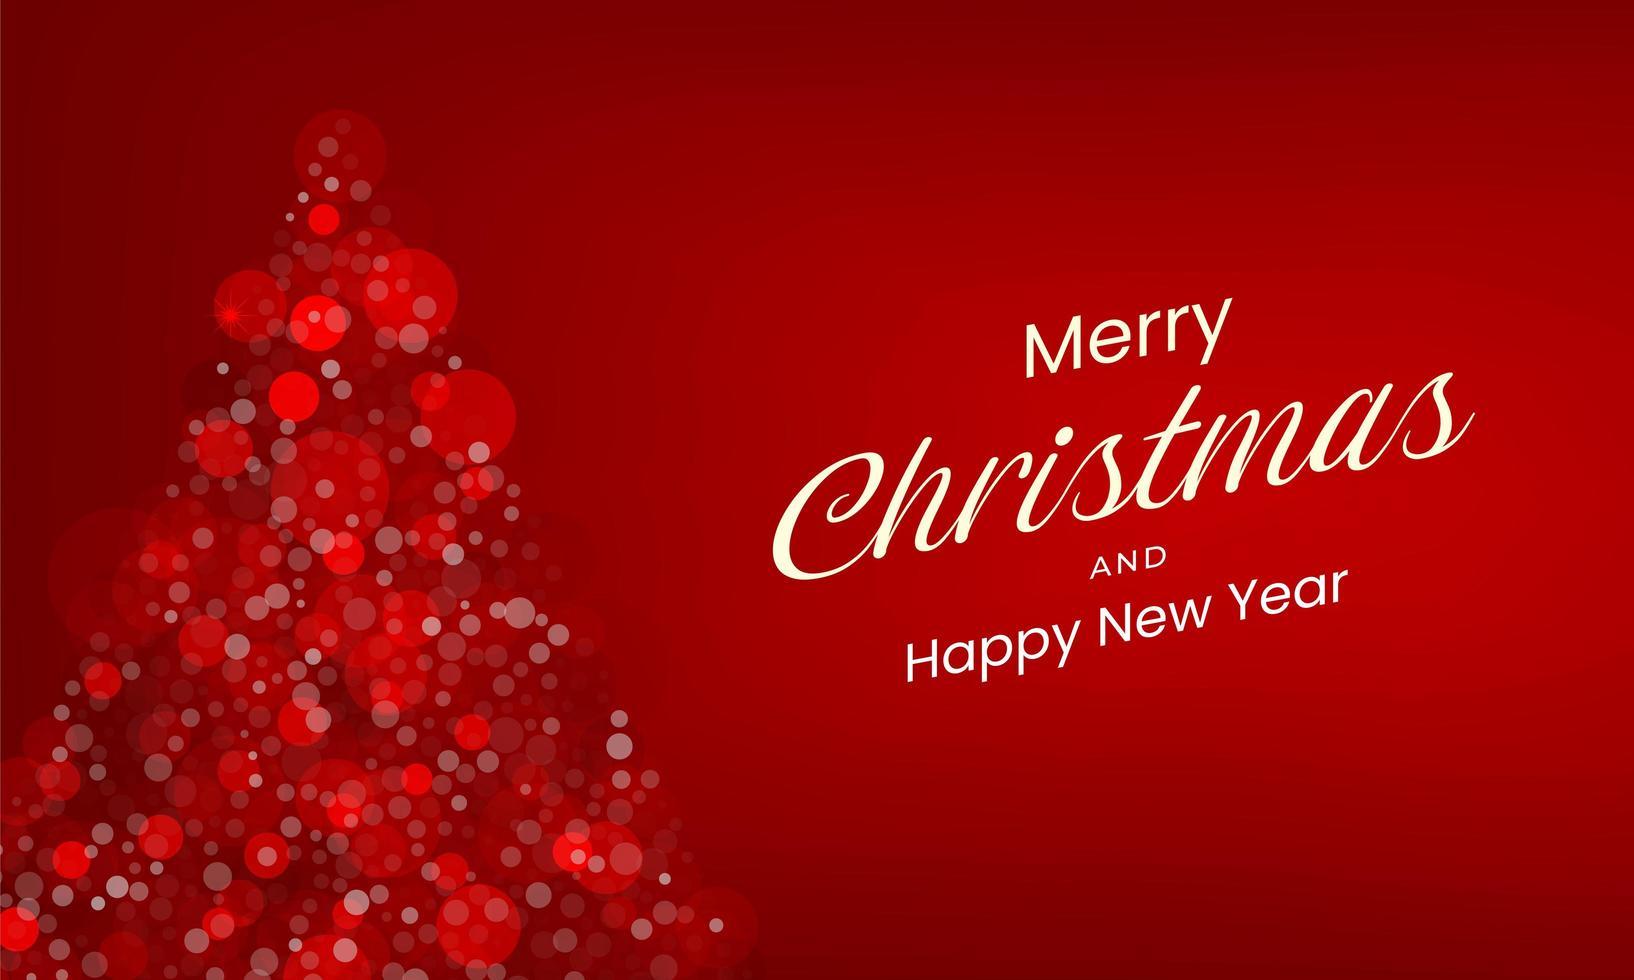 fondo rojo feliz navidad vector